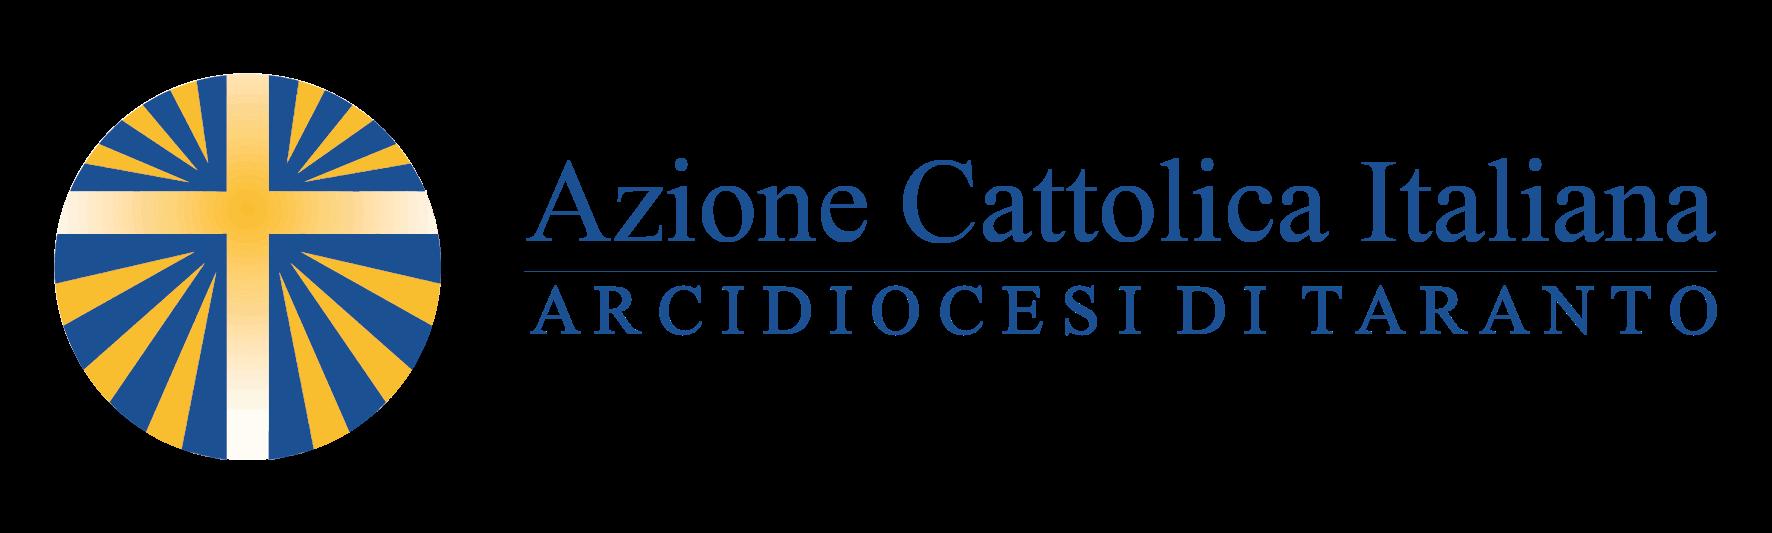 Azione Cattolica Arcidiocesi di Taranto